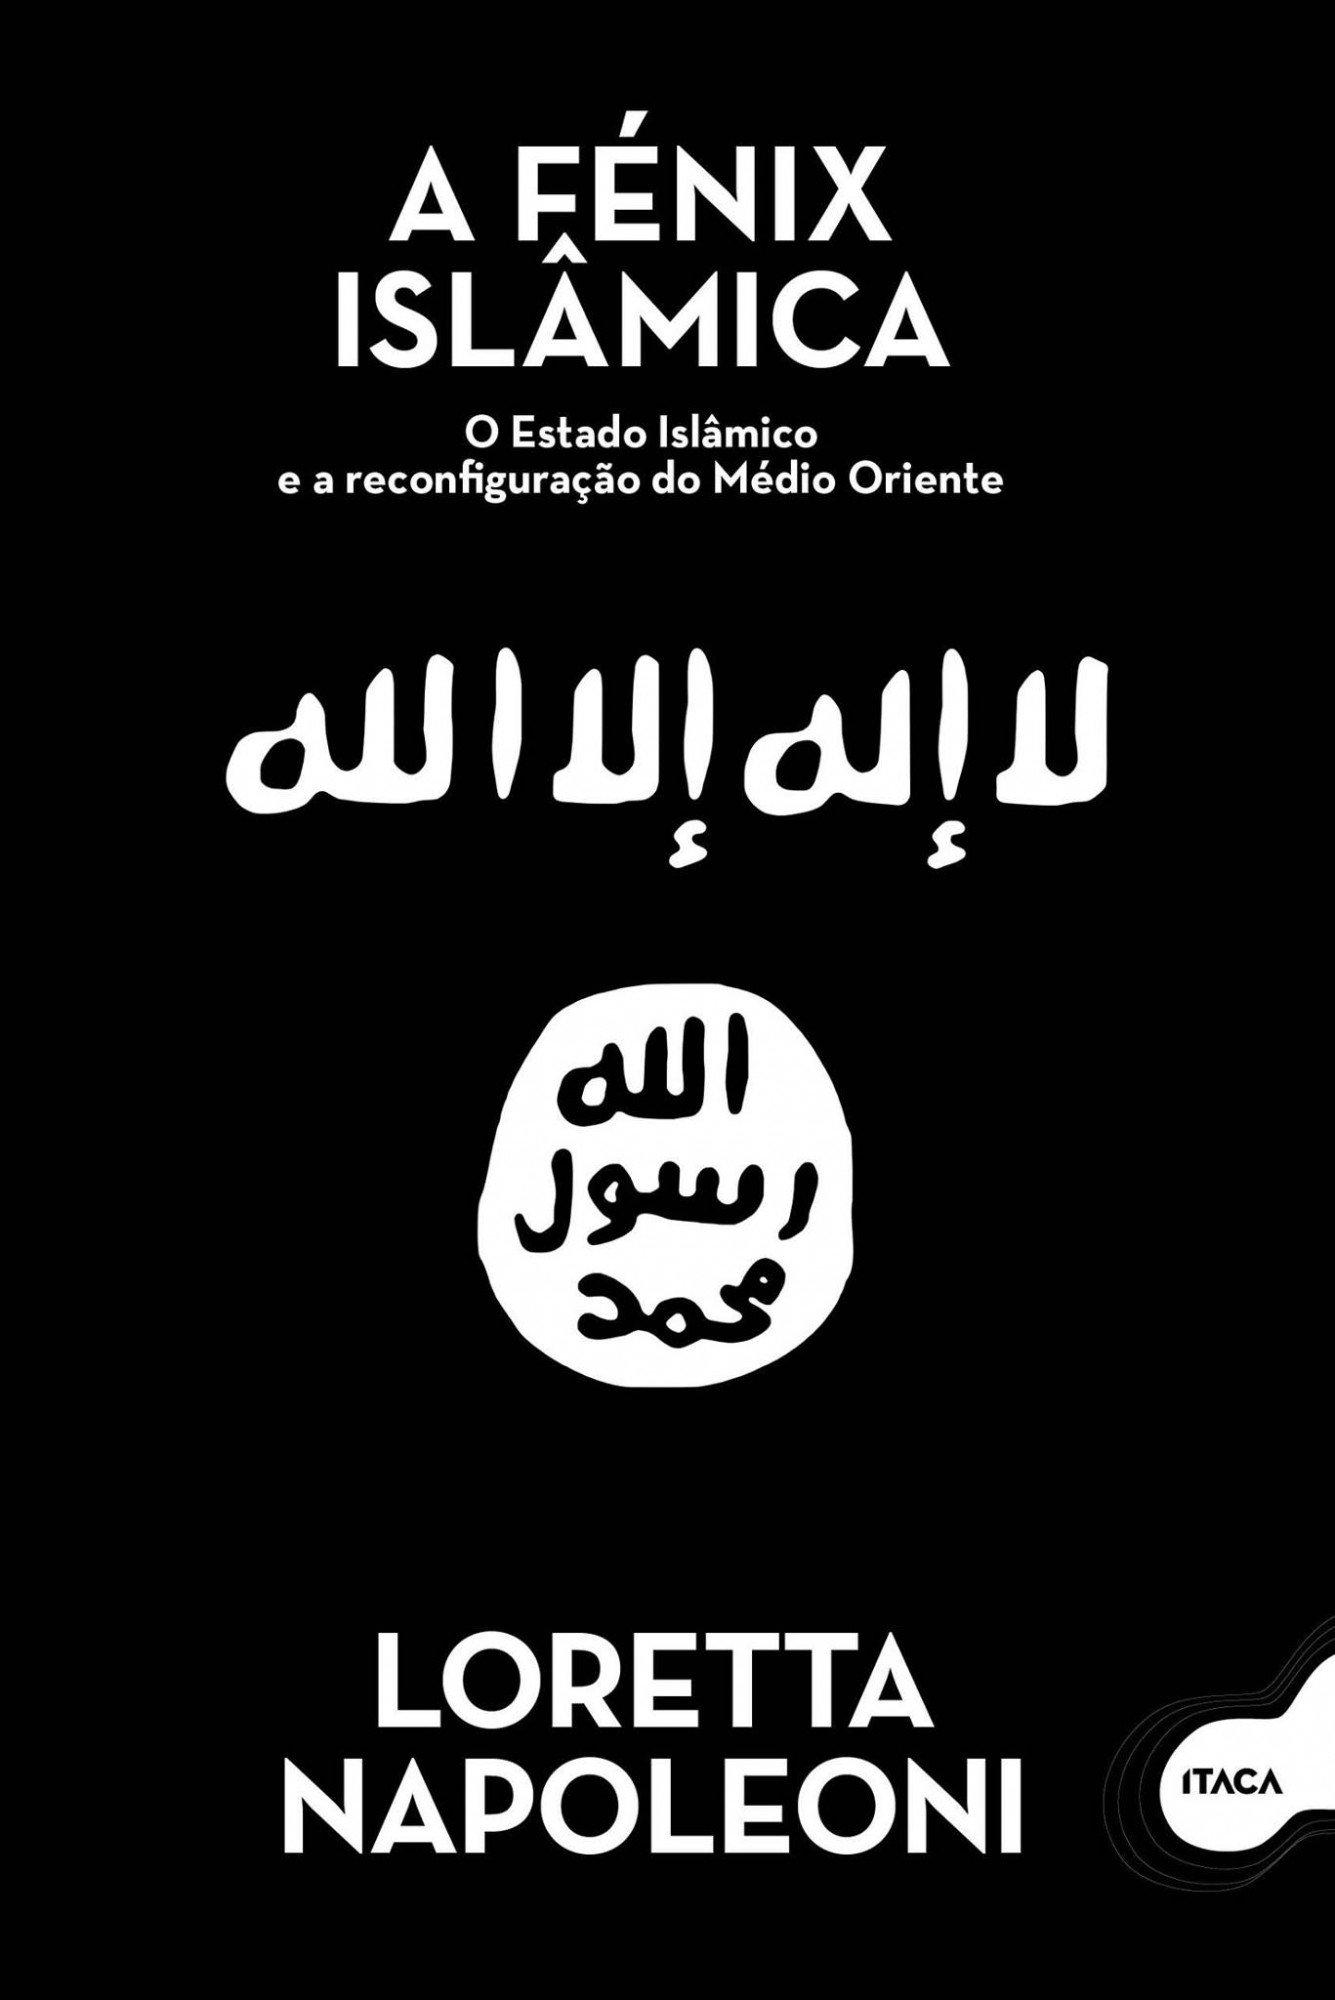 a fenix islamica